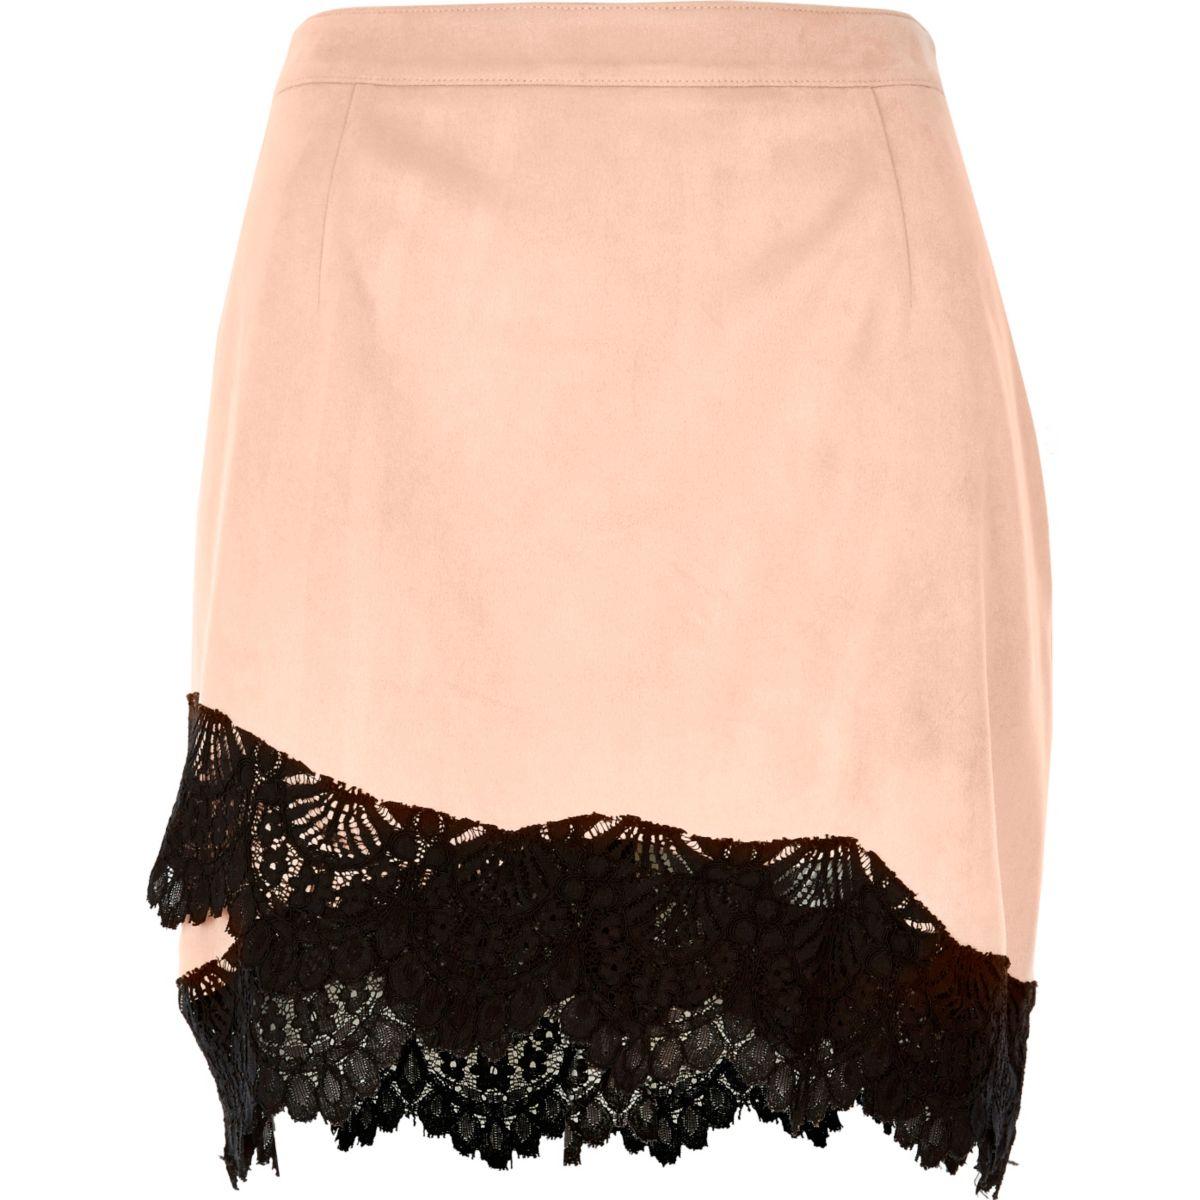 Light pink faux suede lace hem mini skirt